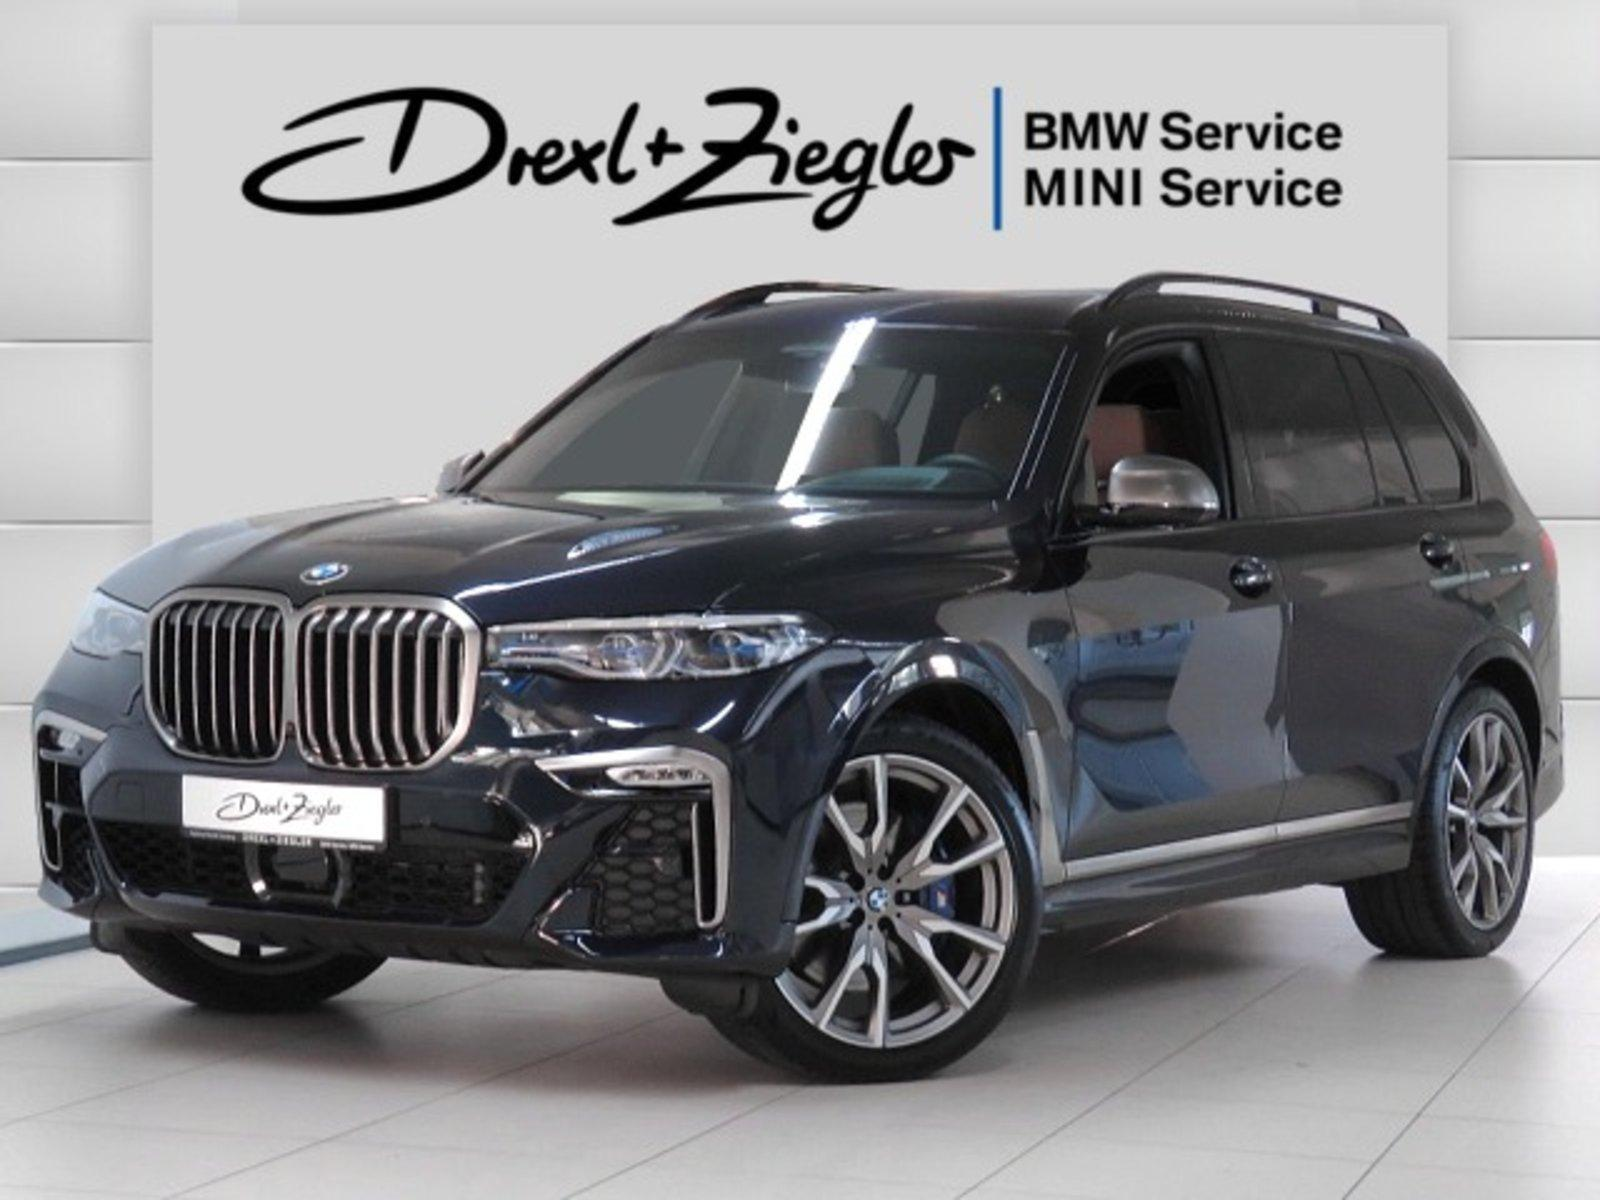 BMW X7 M50d 6-Sitz SkyLounge AHK HUD Laser SCA Alu22, Jahr 2020, Diesel